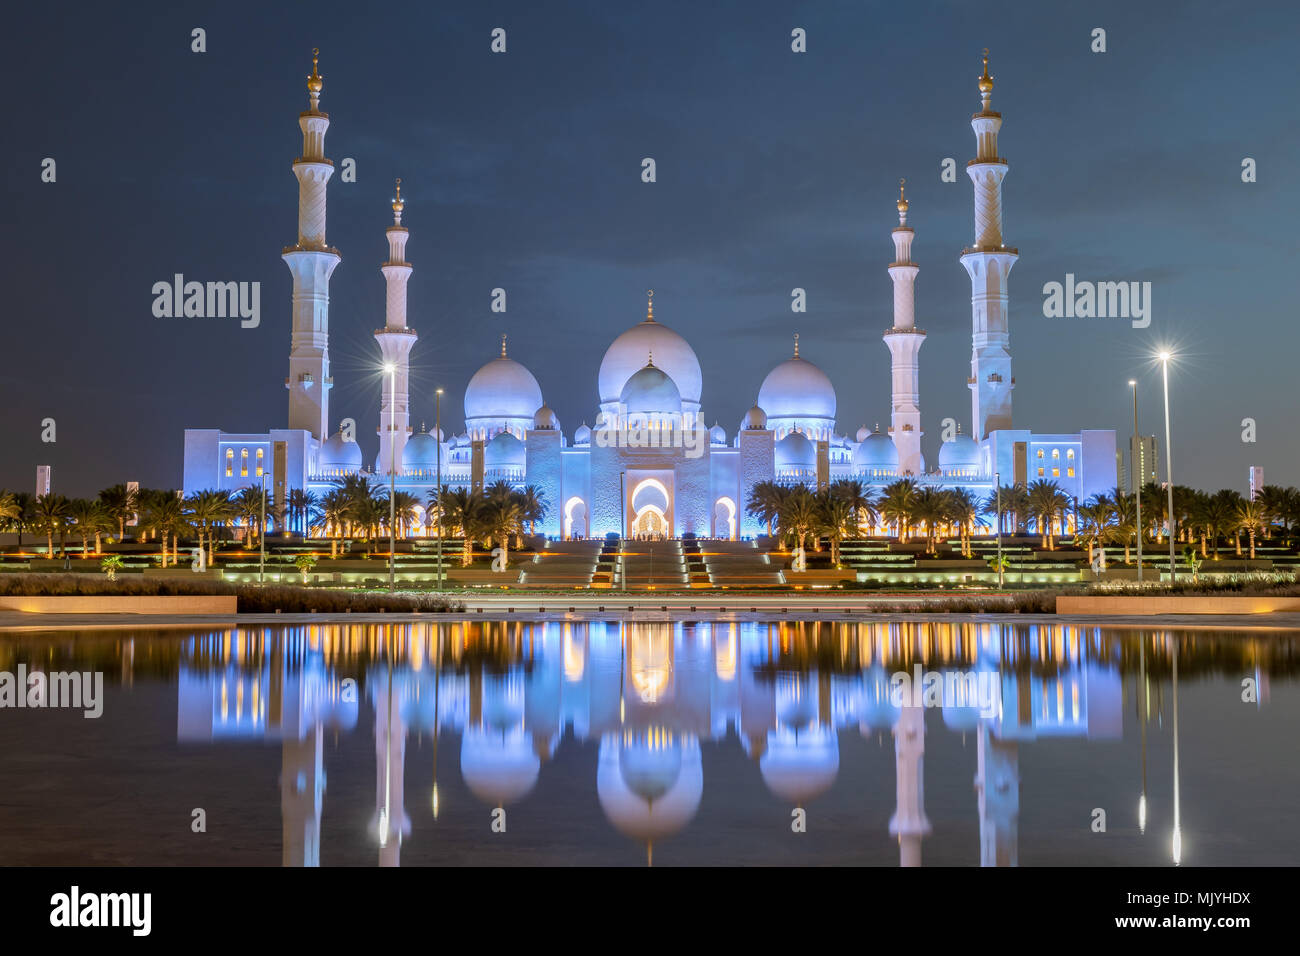 Gran Mezquita de Sheikh Zayed, en Abu Dhabi, capital de los Emiratos Árabes Unidos. Mezquita es construida de mármol blanco italiano. La reflexión en el lago Imagen De Stock